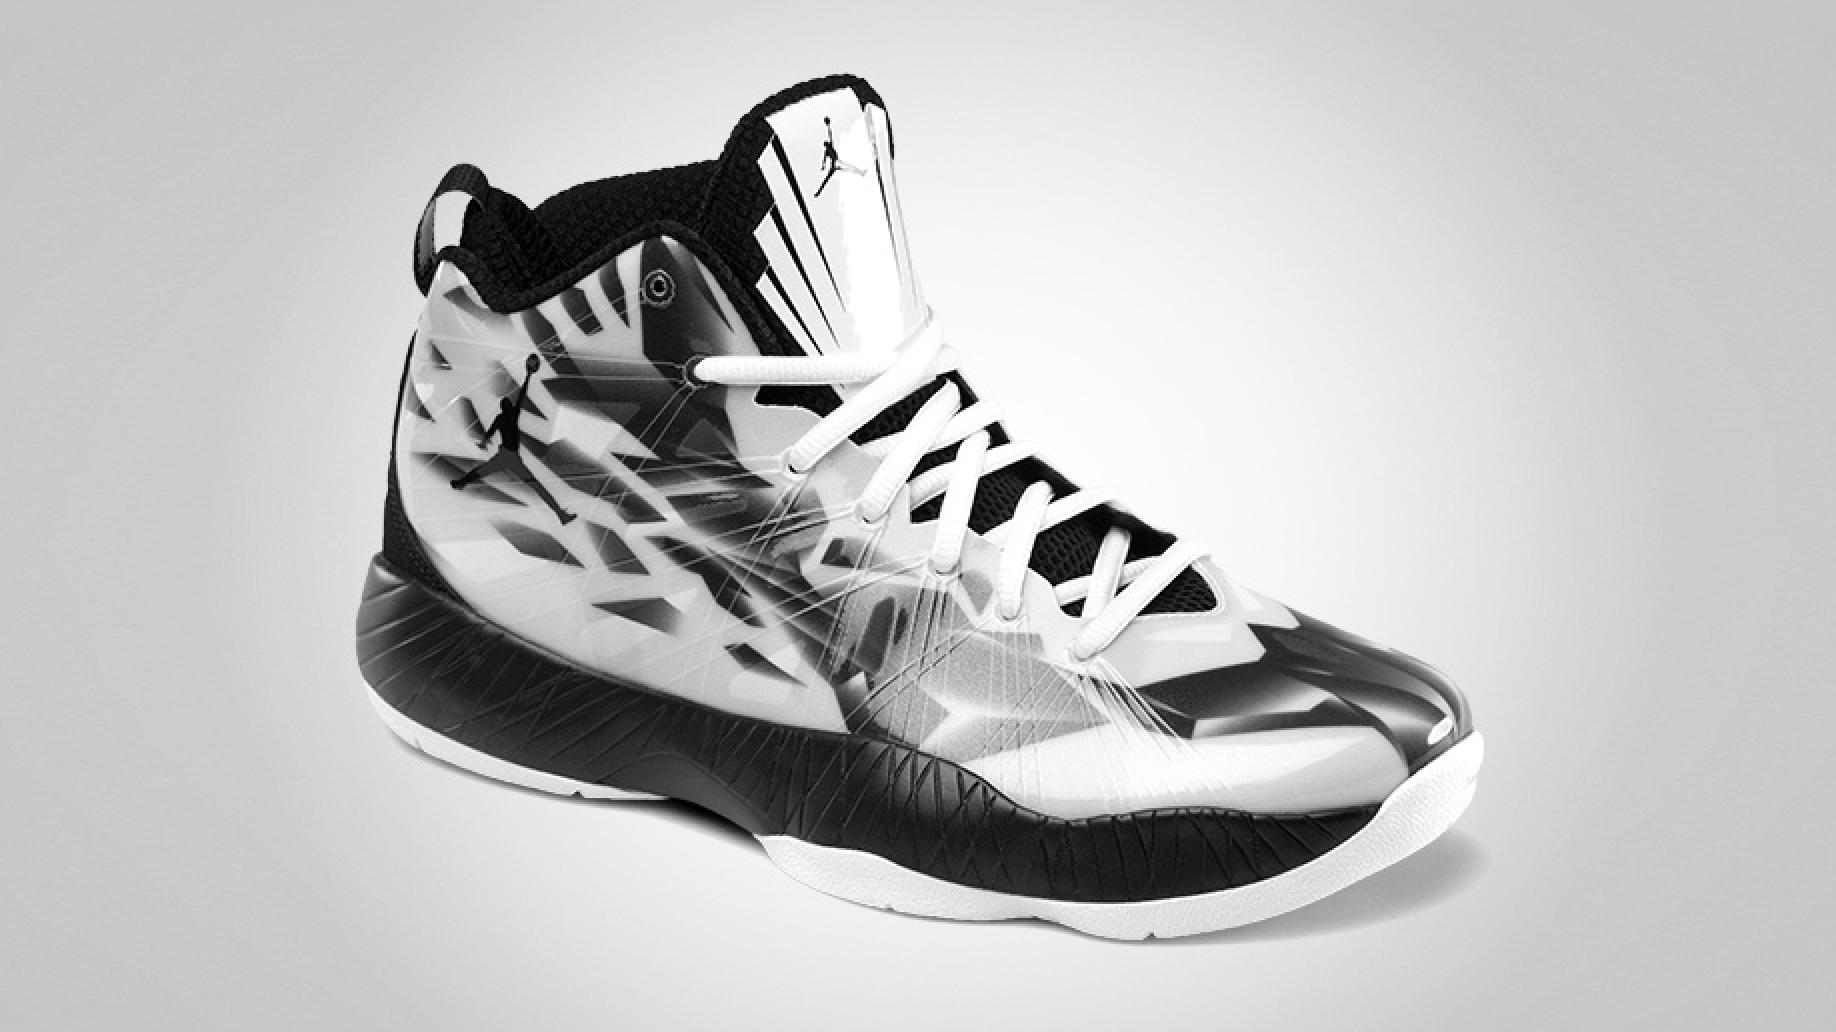 profesional de salida visitar el nuevo Air Jordan 2012 Capilla Unc Lite nicekicks venta 2015 en línea mejor precio sm4K8orD